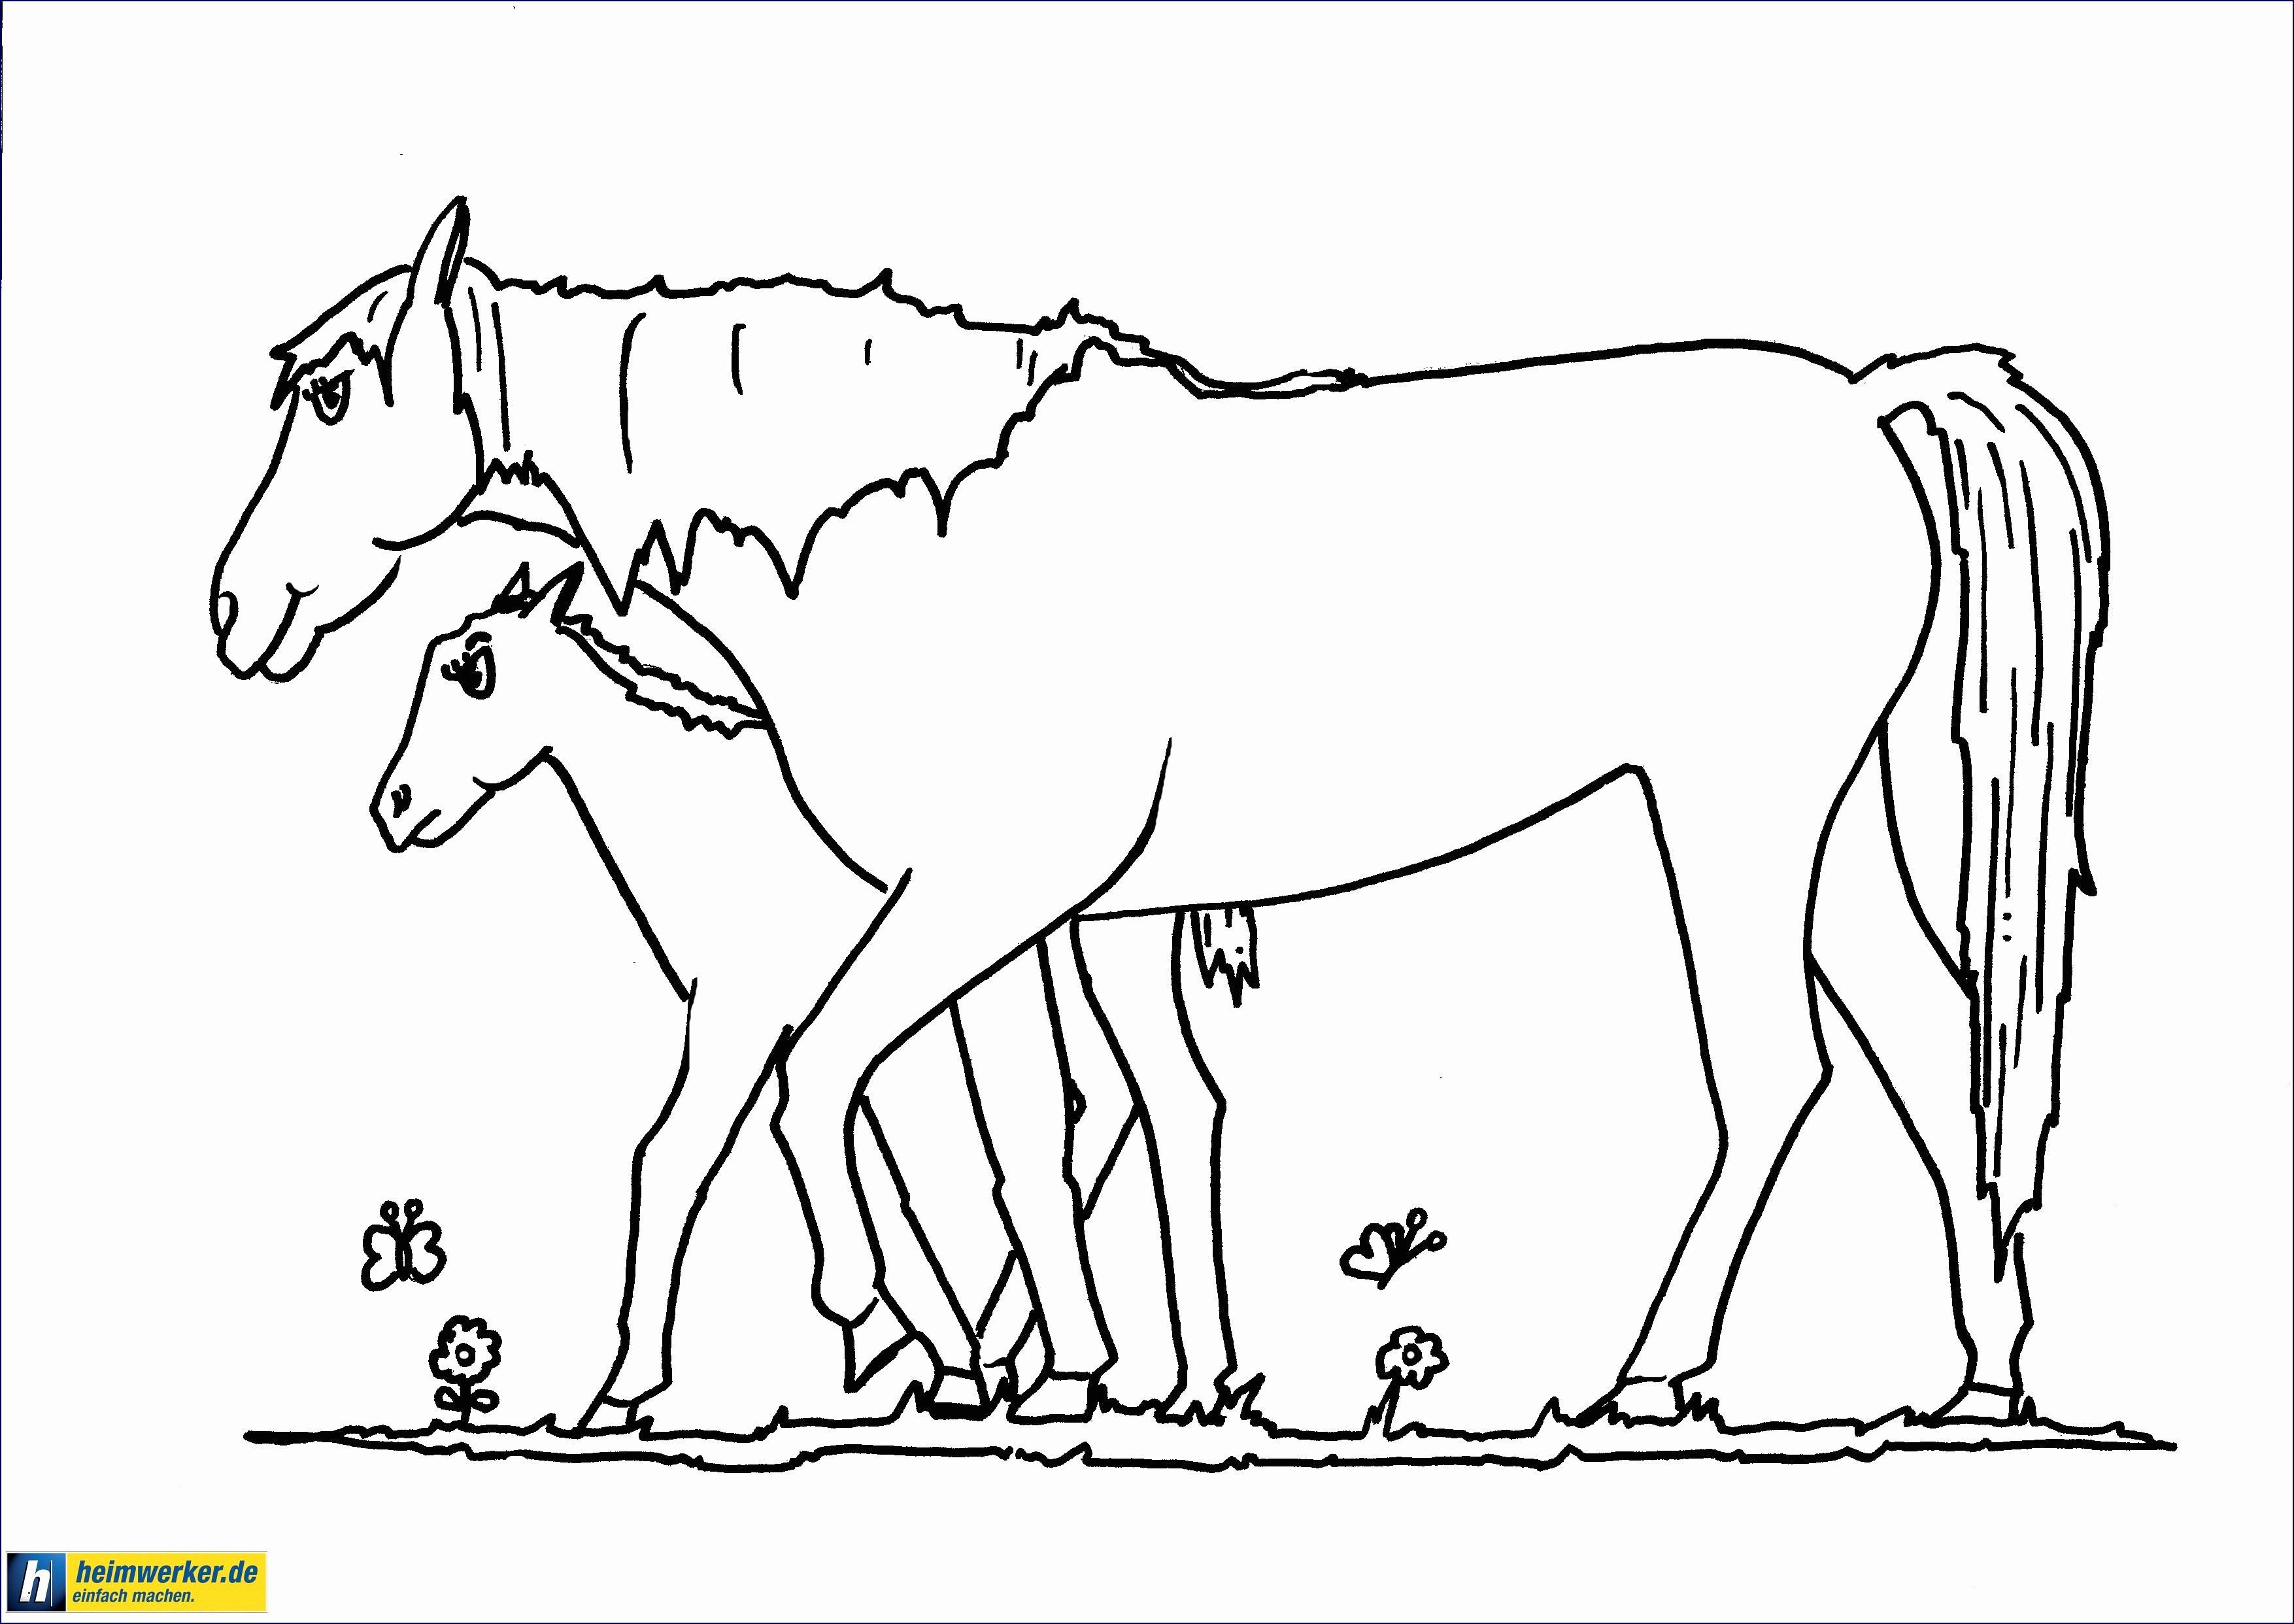 Ausmalbilder Pferde Mit Reiterin Inspirierend 36 Skizze Ausmalbilder Pferde Kostenlos Treehouse Nyc Stock